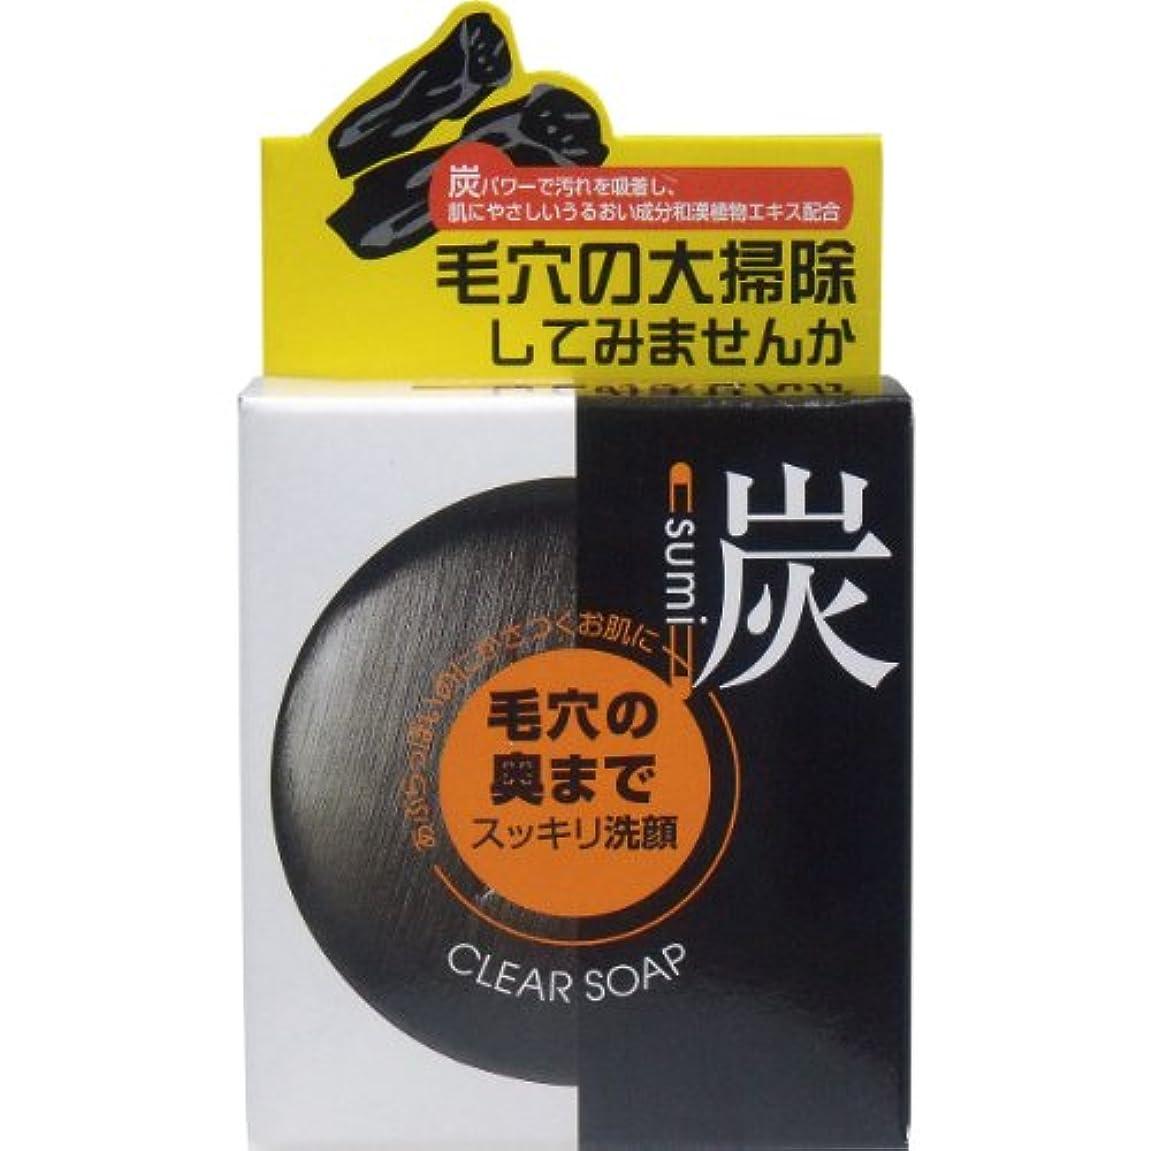 ユゼ 炭透明石鹸(100g)